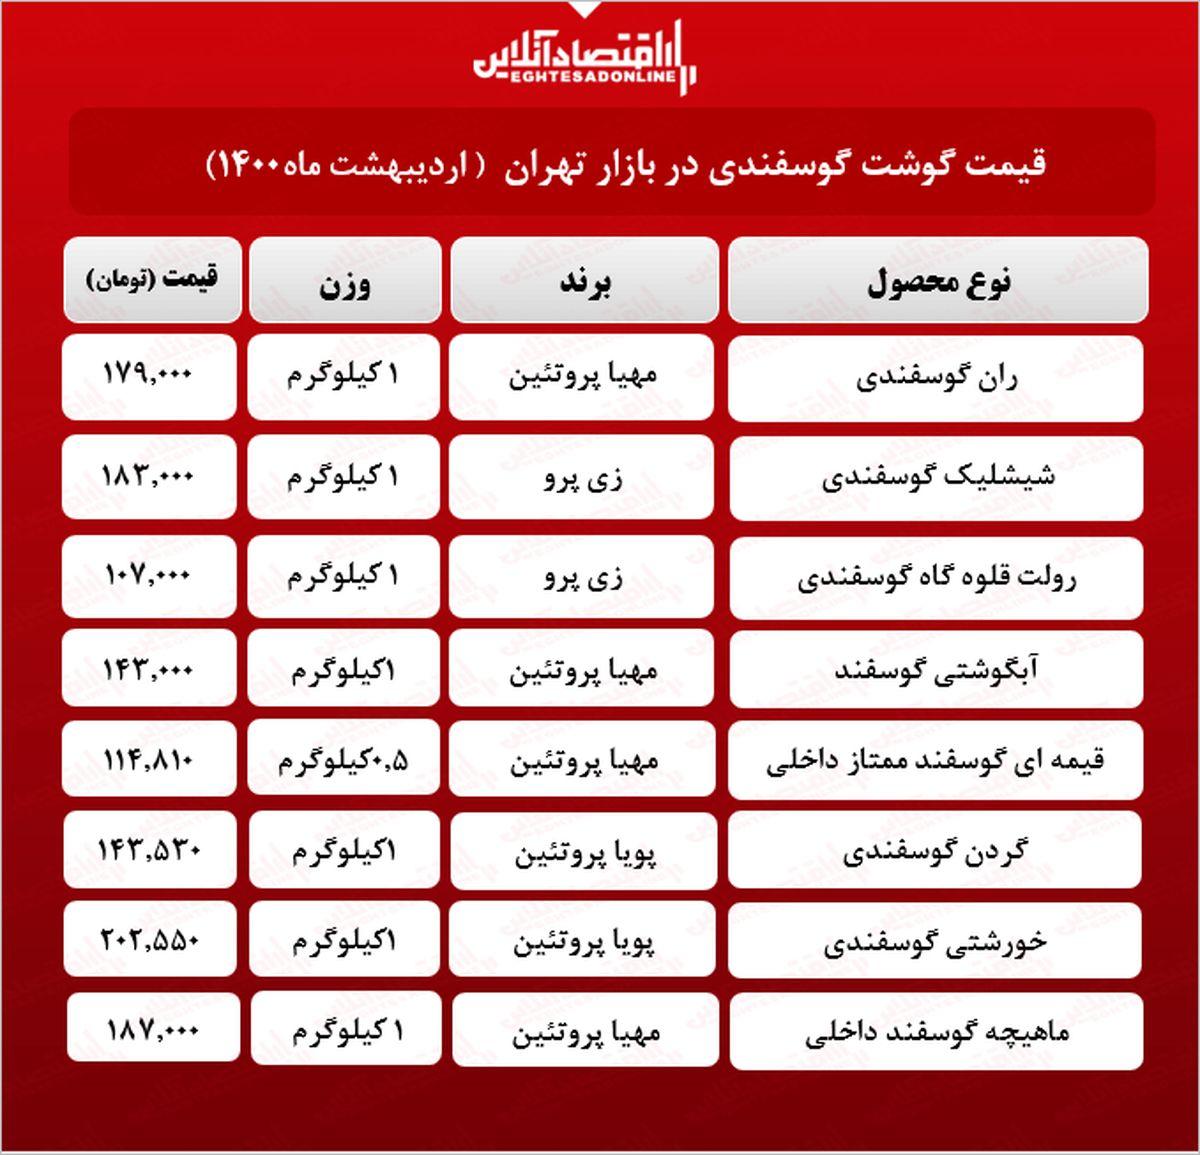 قیمت جدید گوشت گوسفندی در بازار (اردیبهشت۱۴۰۰) + جدول